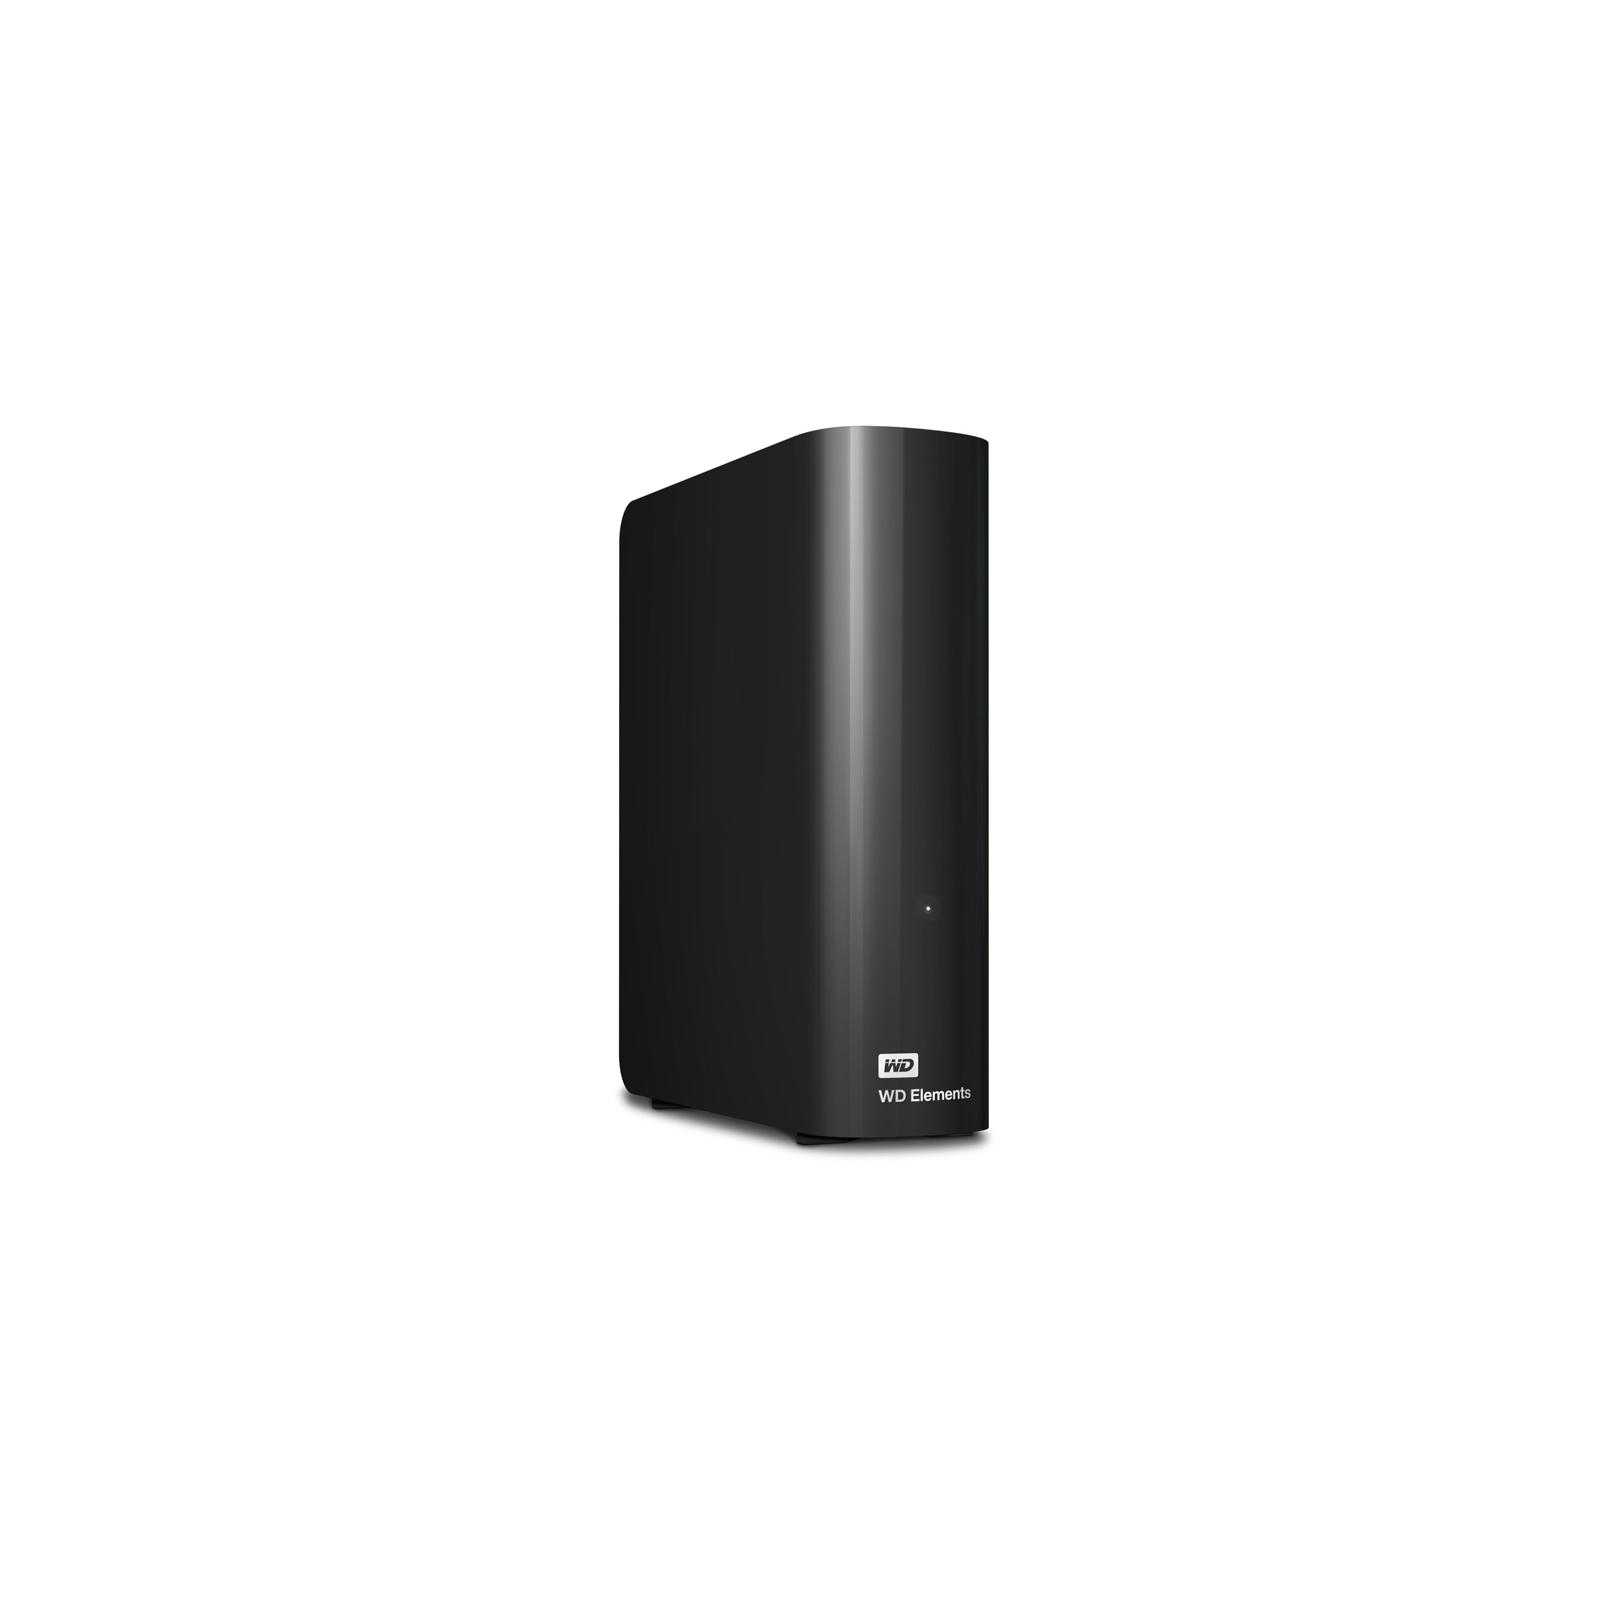 """Внешний жесткий диск 3.5"""" 3TB Western Digital (WDBWLG0030HBK-EESN) изображение 2"""